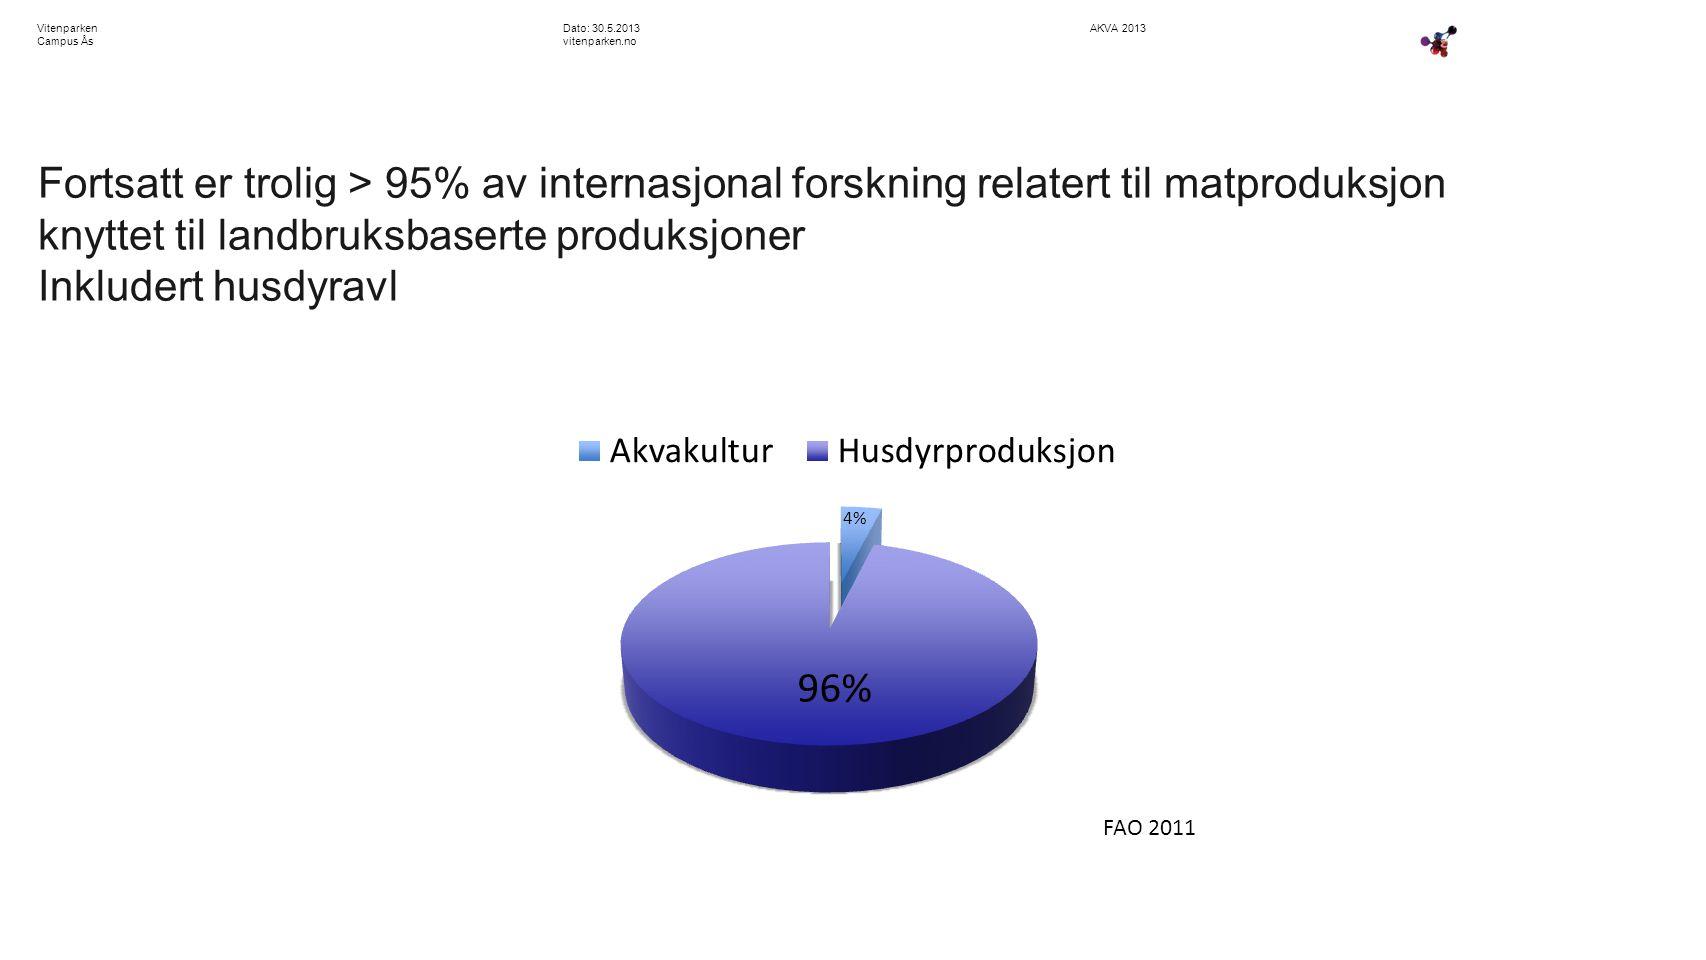 AKVA 2013Dato: 30.5.2013 vitenparken.no Vitenparken Campus Ås Fortsatt er trolig > 95% av internasjonal forskning relatert til matproduksjon knyttet t